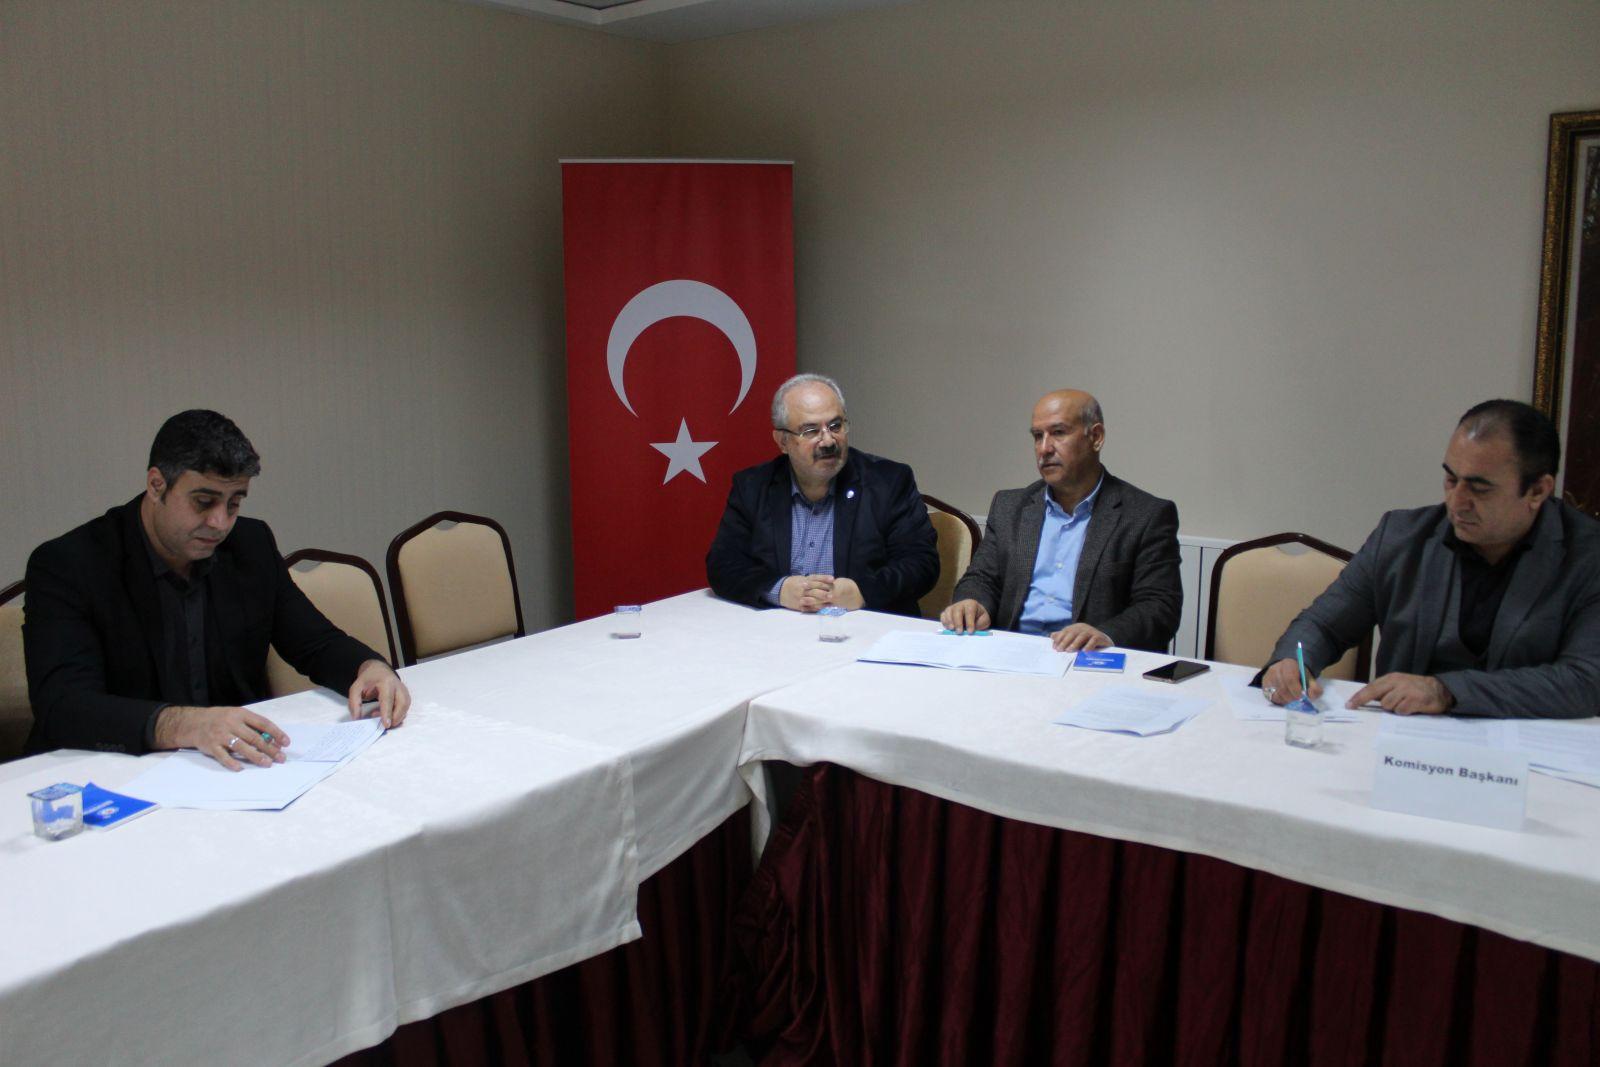 Toplu Sözleşme Hazırlık Çalıştayı Yapıldı